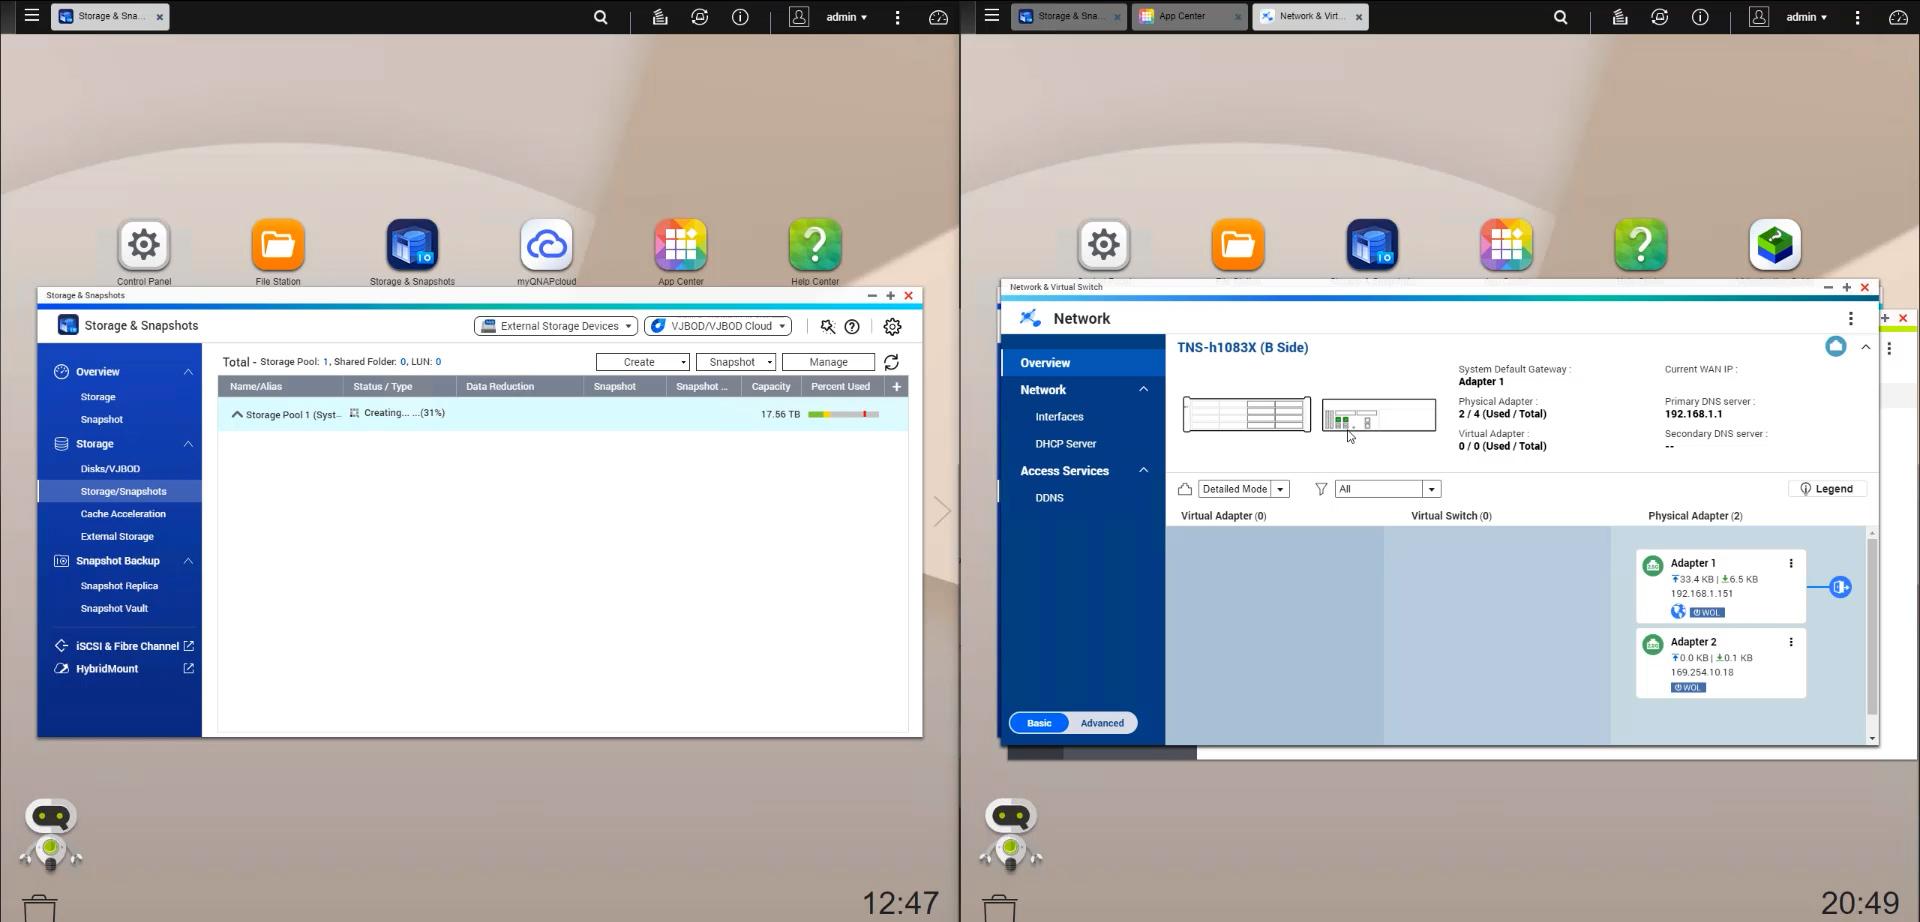 QNAP QNAP GM 1002 QuTS Hero Network Locations On B Side